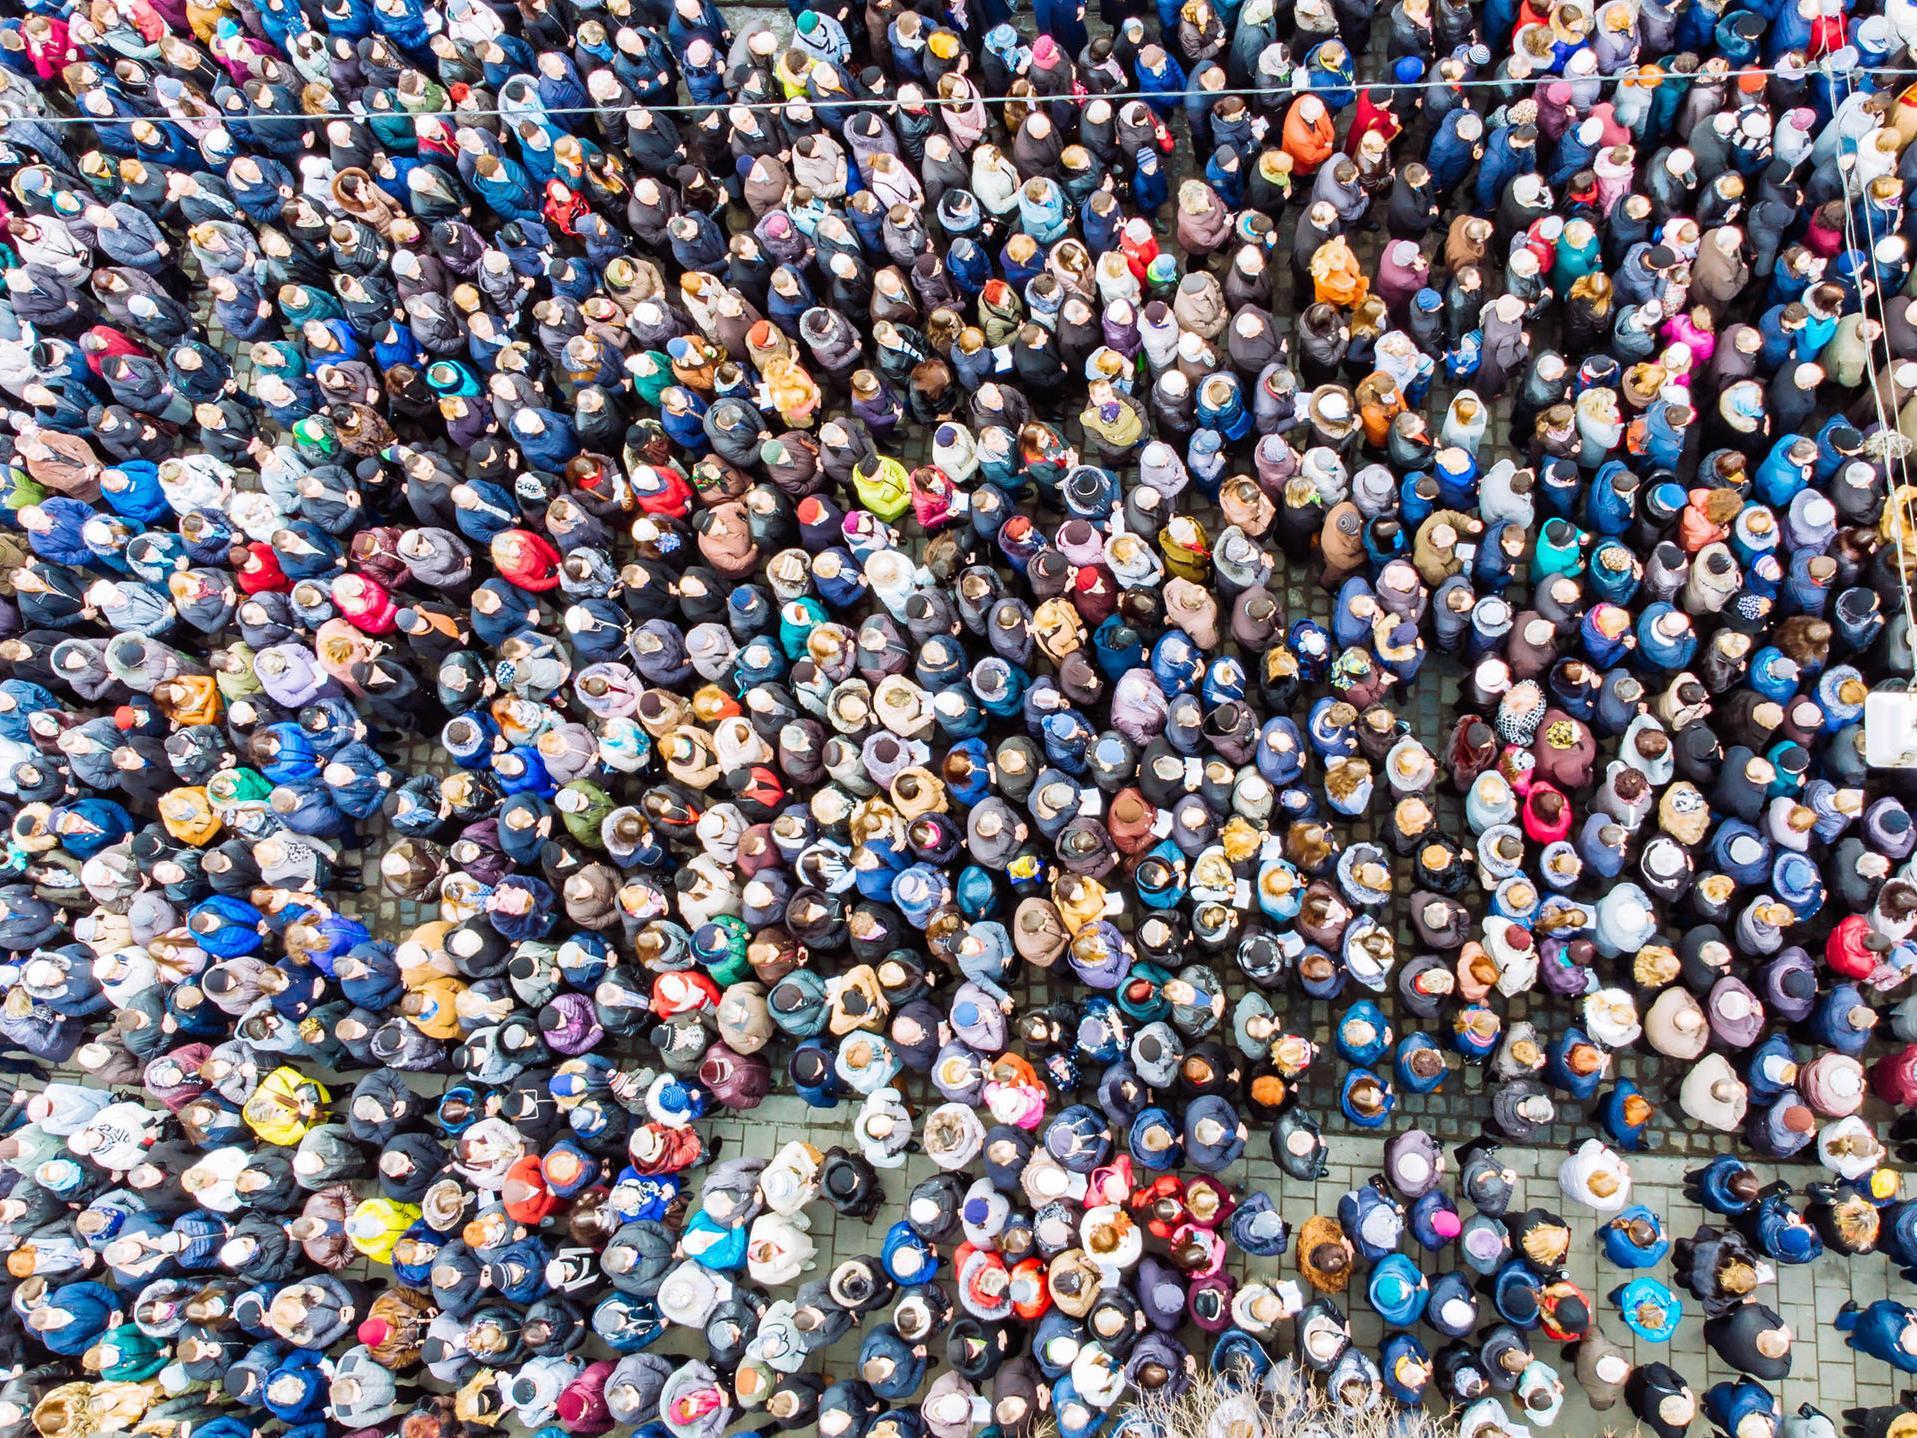 Bevölkerungsentwicklung: So Viele Menschen Leben Jetzt Auf bei Wie Viele Menschen Sind Auf Der Erde